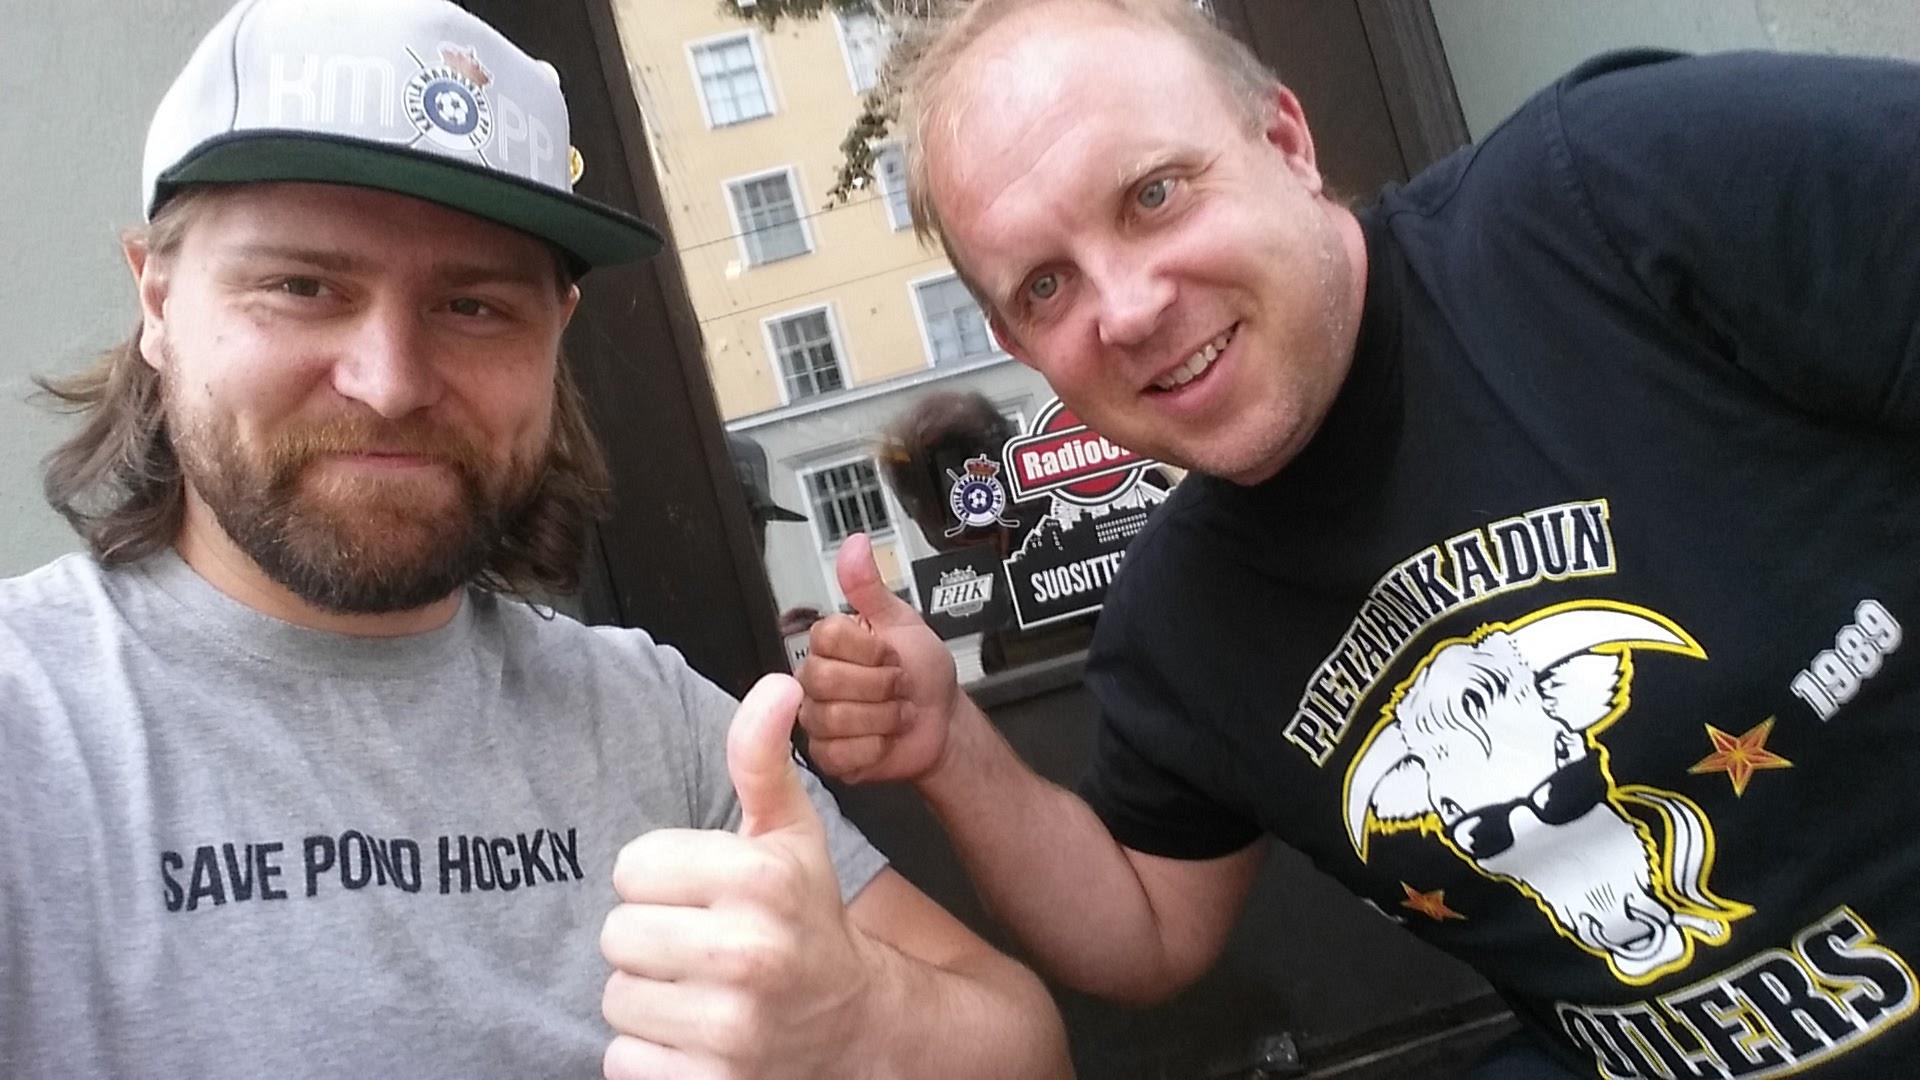 Svante Suominen, Jyri Penttilä